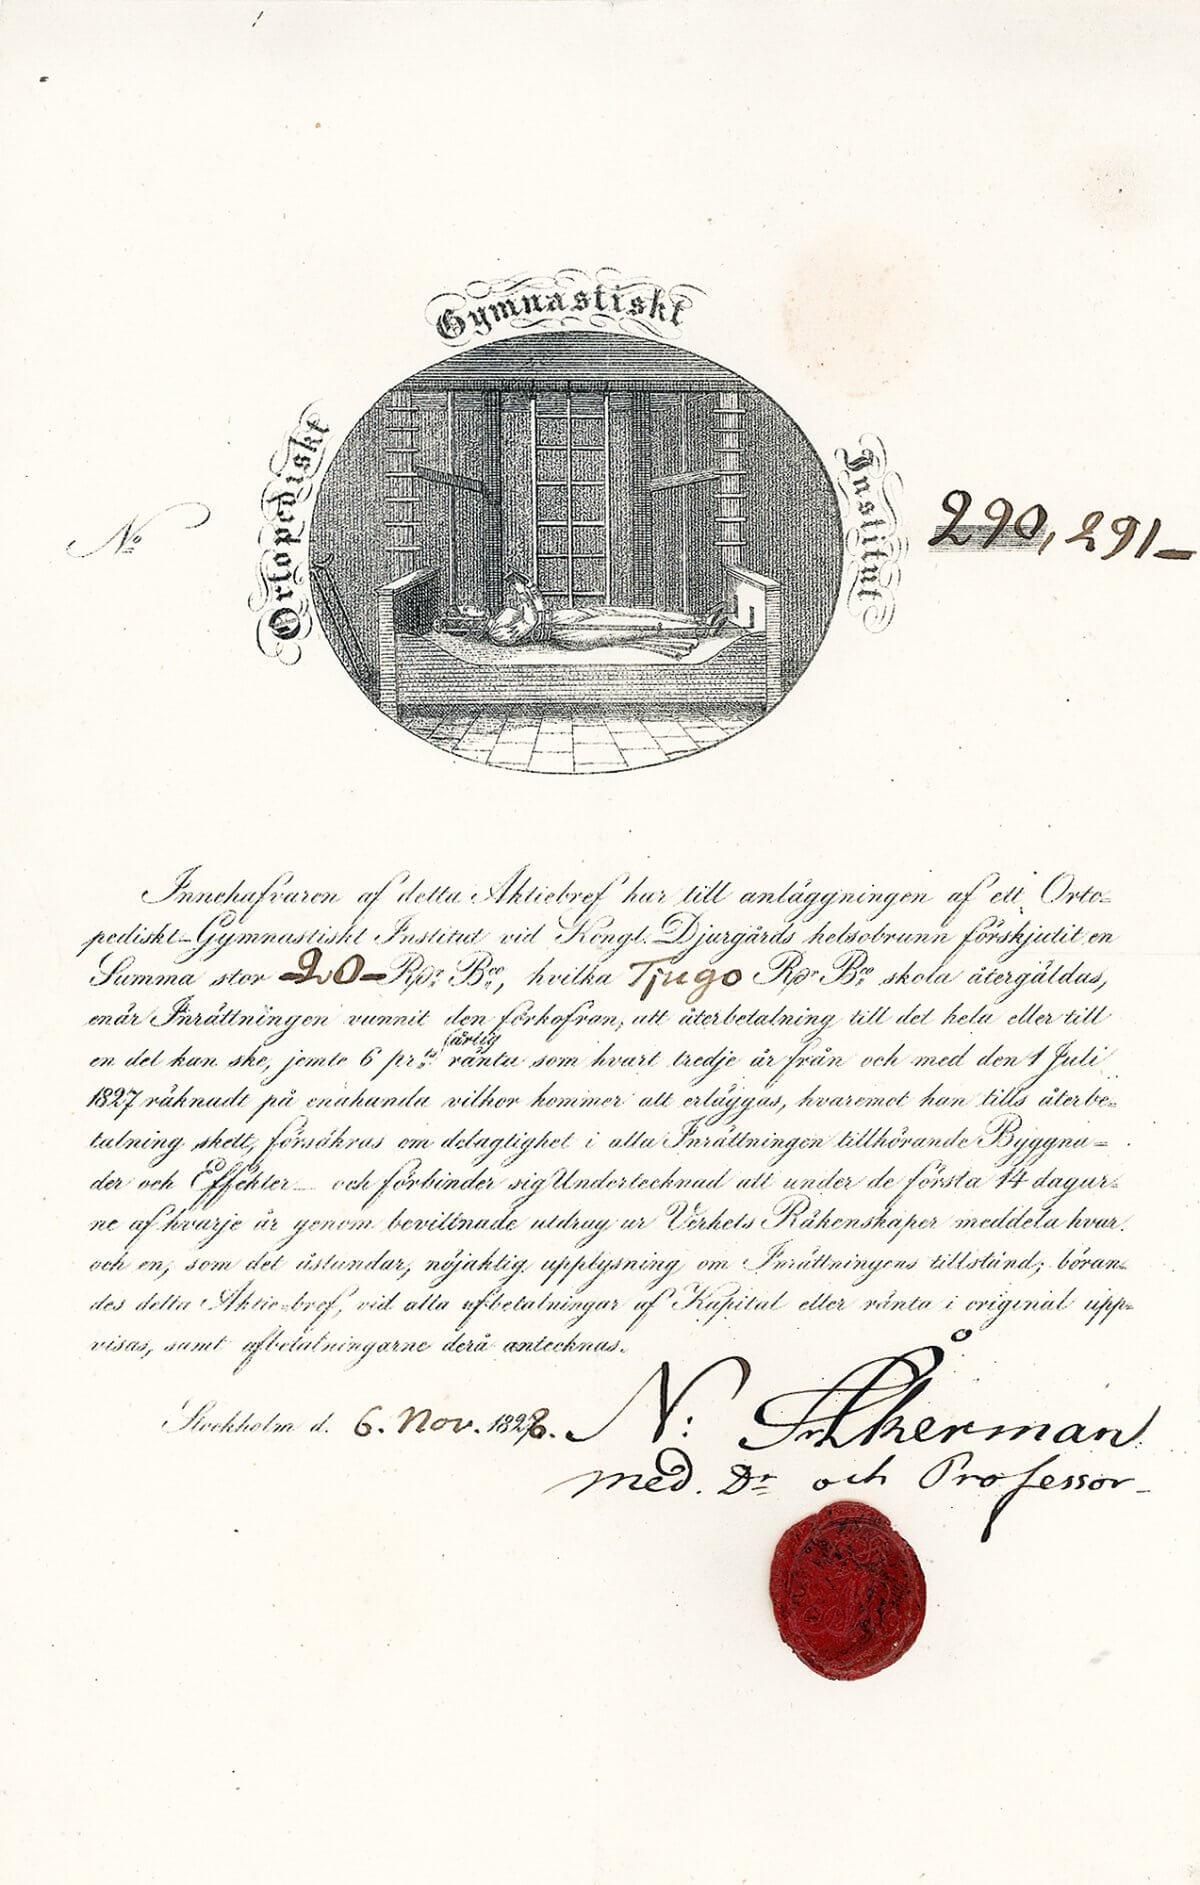 Ortopediskt Gymnastiskt Instutut, Stockhol, Aktie von 1828. Das Orthopädische Institut wurde gegründet 1821 vom Professor Nils Akerman (1777-1850), der bereits als Direktor des Sanatoriums Djurgards Brunn sich einen Namen machte. Das Institut wurde ab 1827 als eine Aktiengesellschaft geführt. Da die Ehefrau des Kronprinzen Oscar (König 1844-1859), Joséphine de Beauharnals (Königin Josefina), zu den prominentesten Stiftern des Instituts zählte, wurde Ende 1828 der Name der AG ihr zu Ehren in Josefinska Ortopediska Institutet geändert. In dem Institut wurden angeborene Missbildungen an Beinen und Gelenken, aber auch Lähmungen, behandelt. Das Haus verpflichtete sich ständig, minderbemittelten Patienten wenigstens 15 Plätze frei zu halten und einen dafür zuständigen Arzt zu entlohnen. 1847 wurde das Institut in Gymnastiskt-Ortopediska Institutet umbenannt.